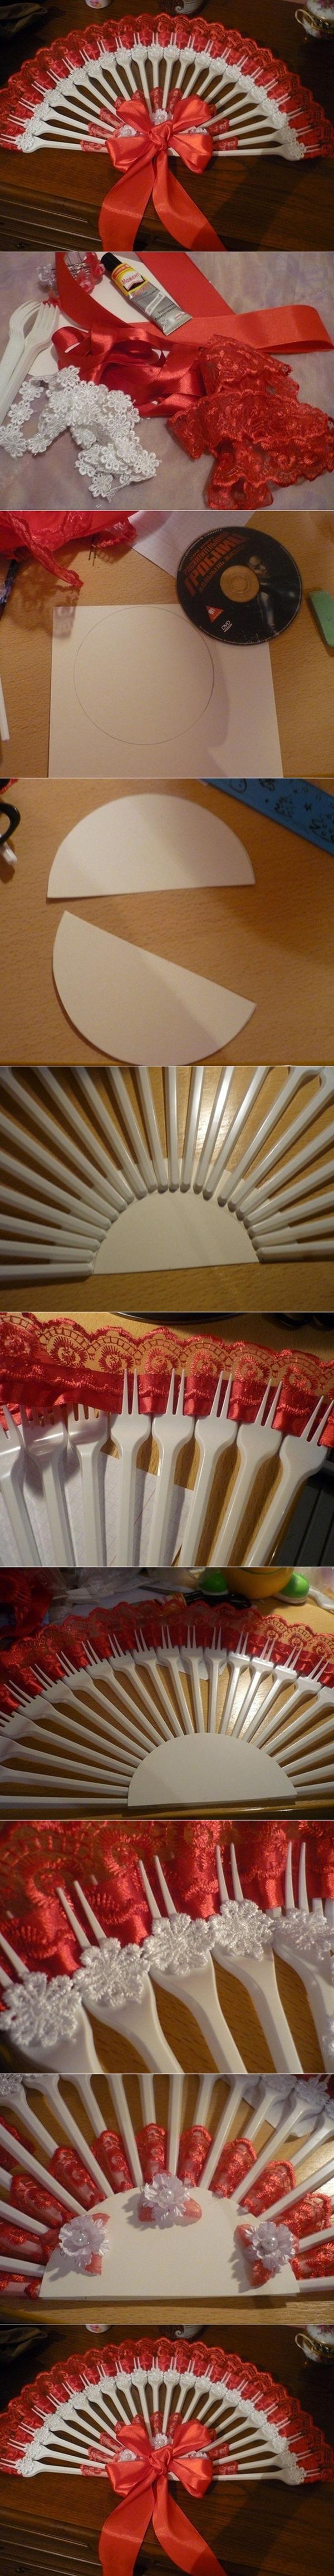 plastic fork fan tutorial